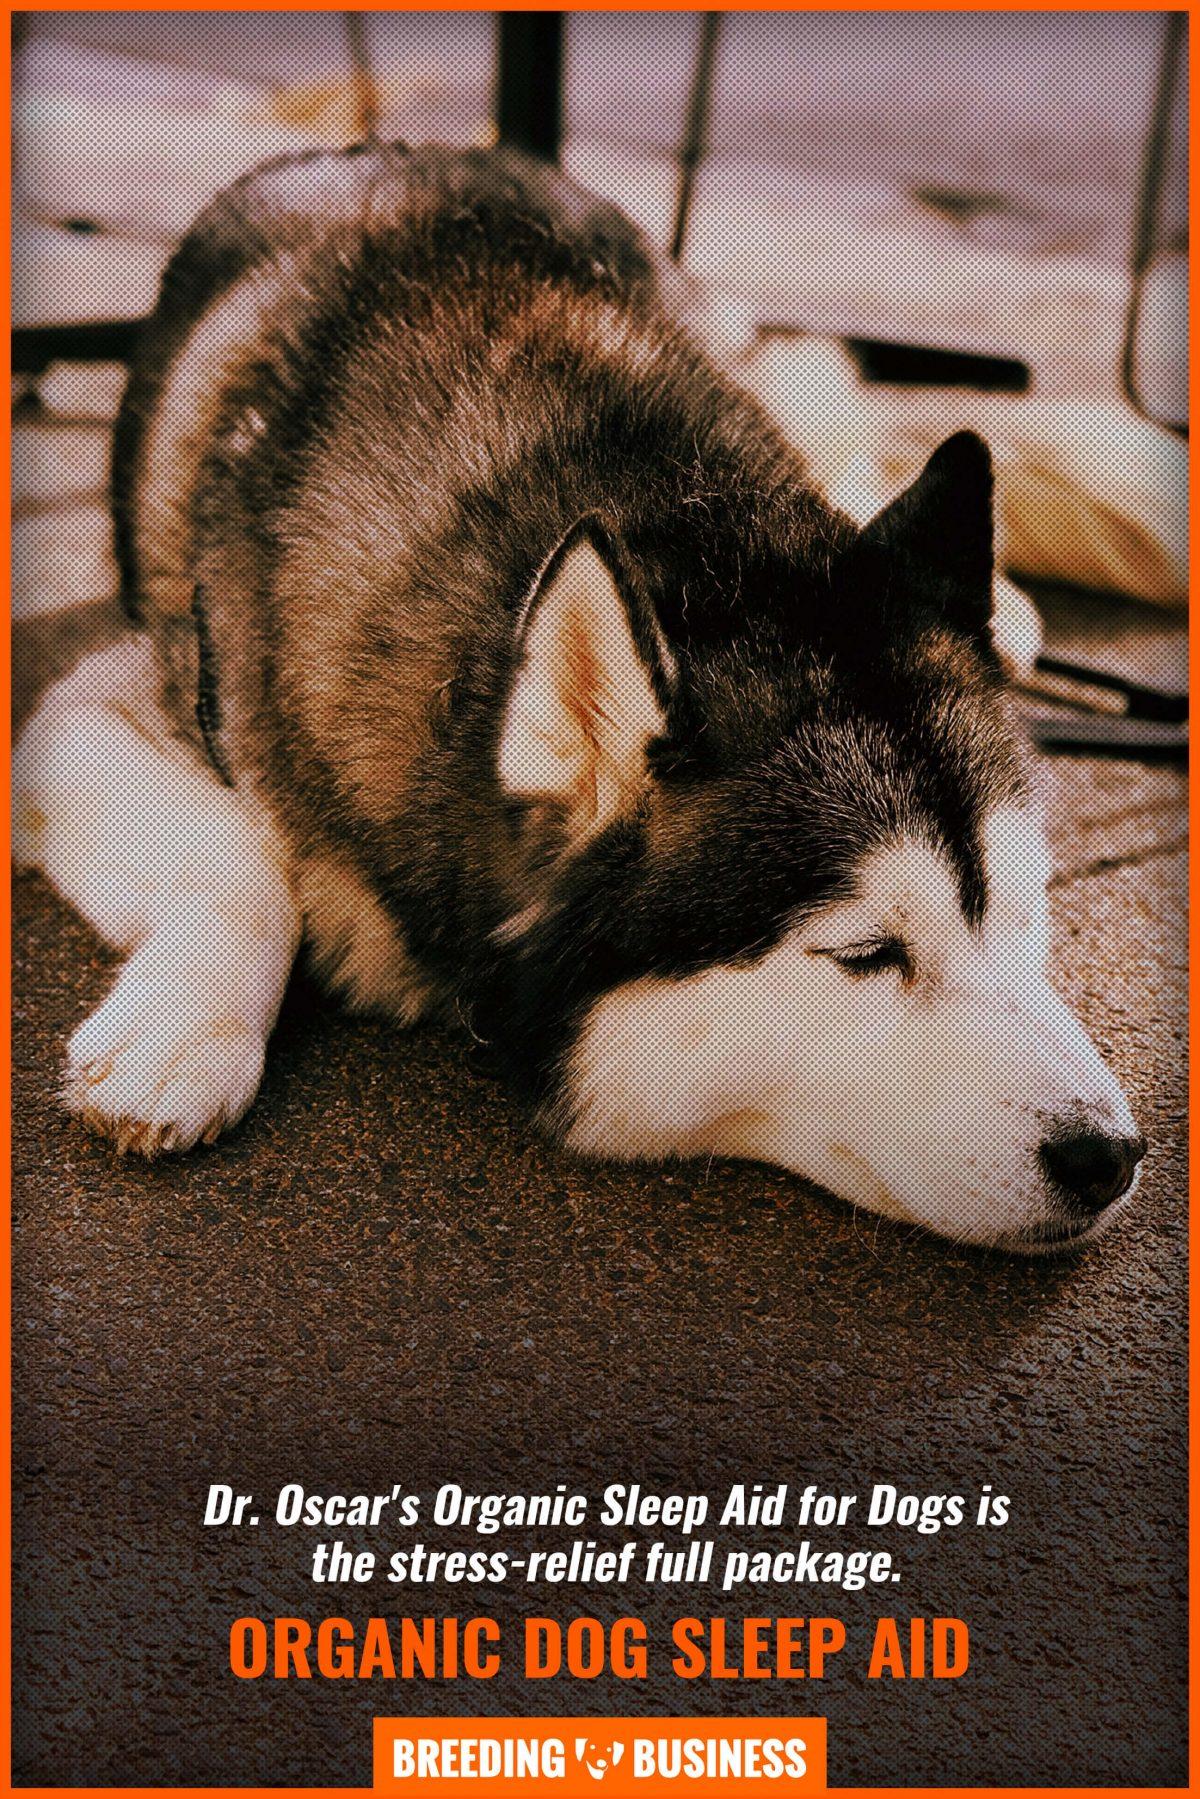 organic dog sleep aid